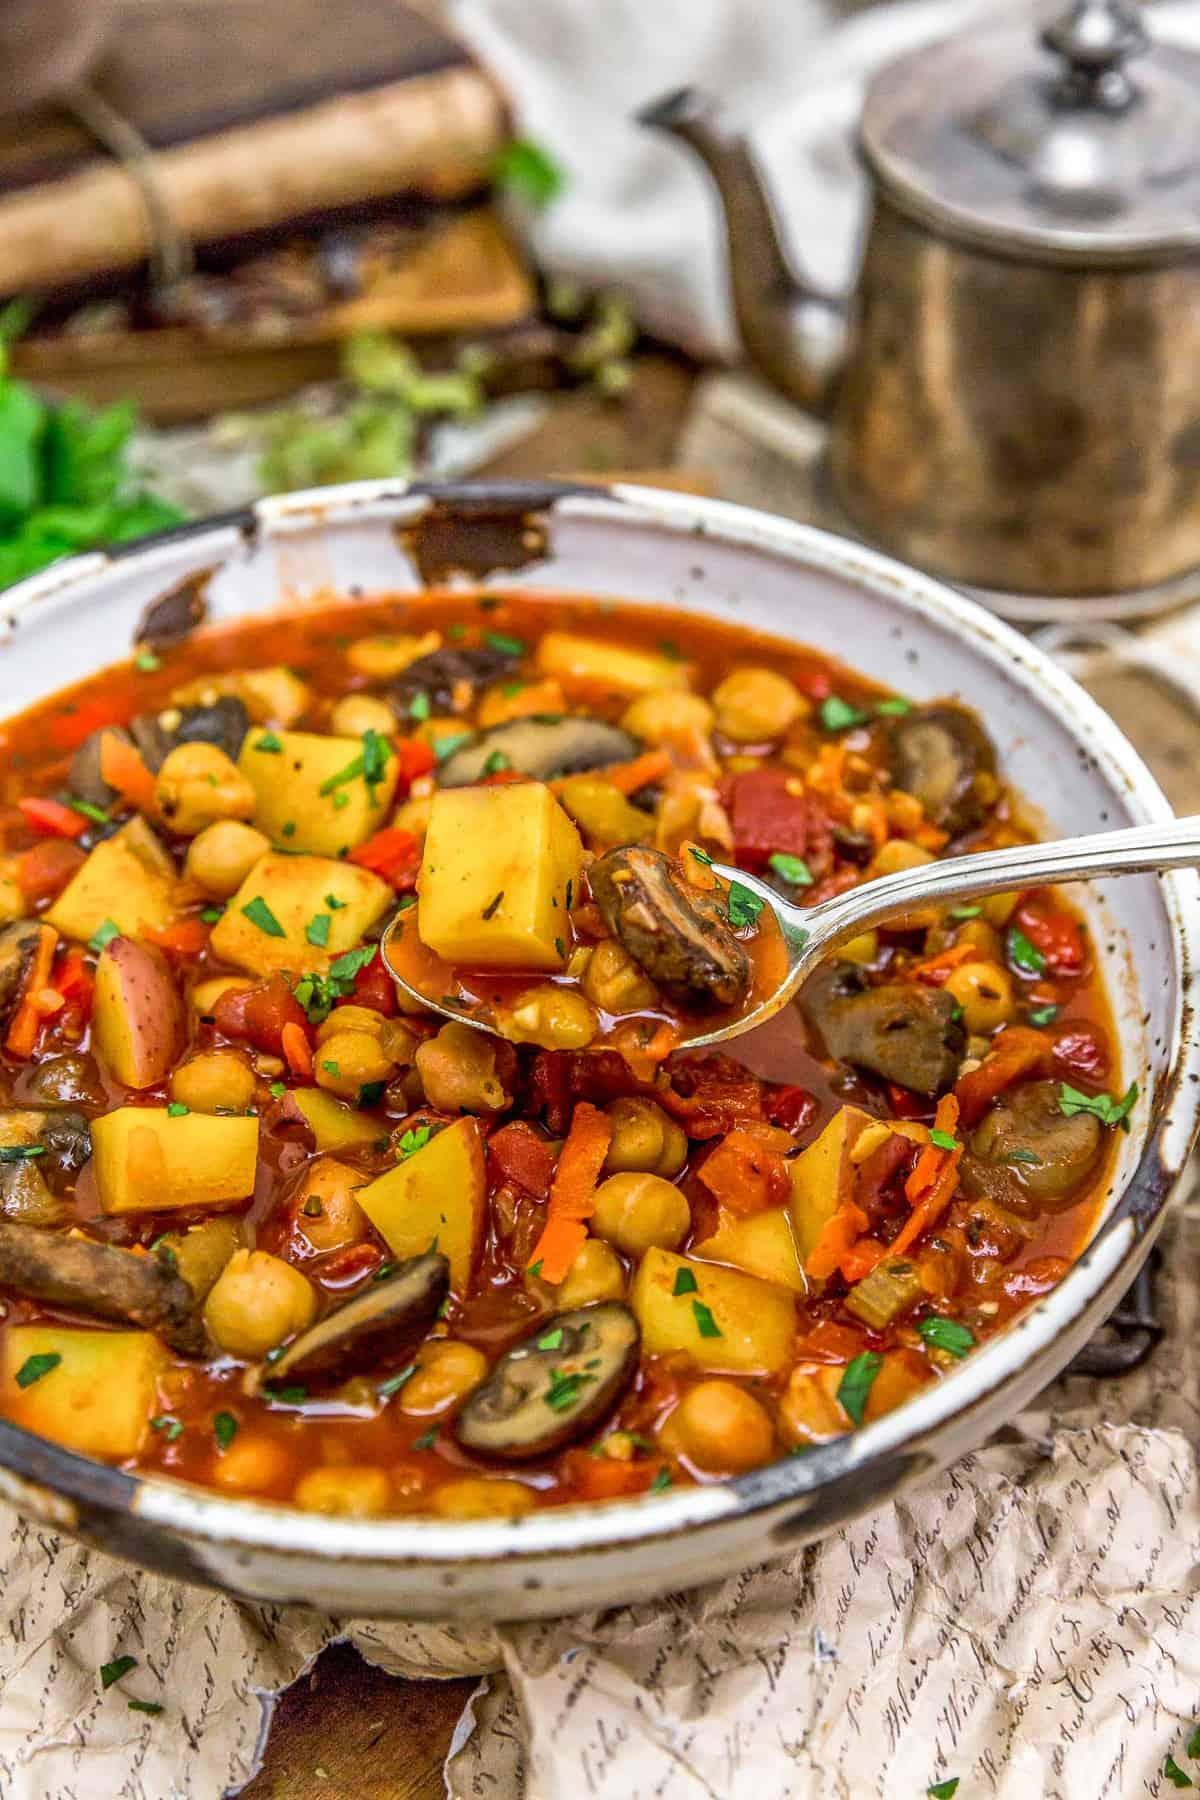 Eating Vegan Spanish Zarzuela Stew